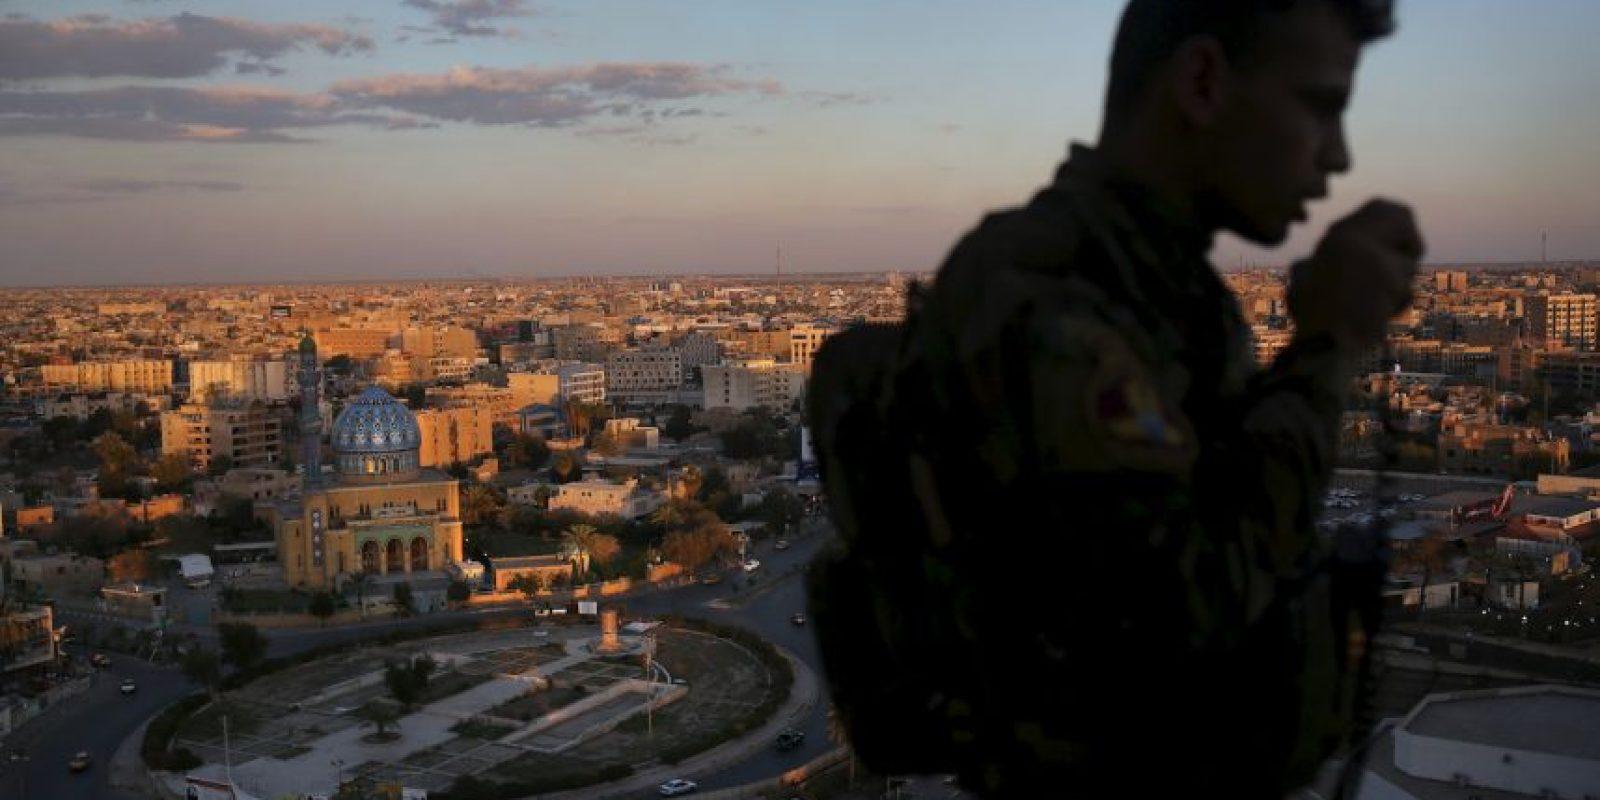 Según la investigación, las víctimas fallecieron en los ataques aéreos de noviembre contra el grupo Khorasan vinculado a Al Qaeda. Foto:Getty Images